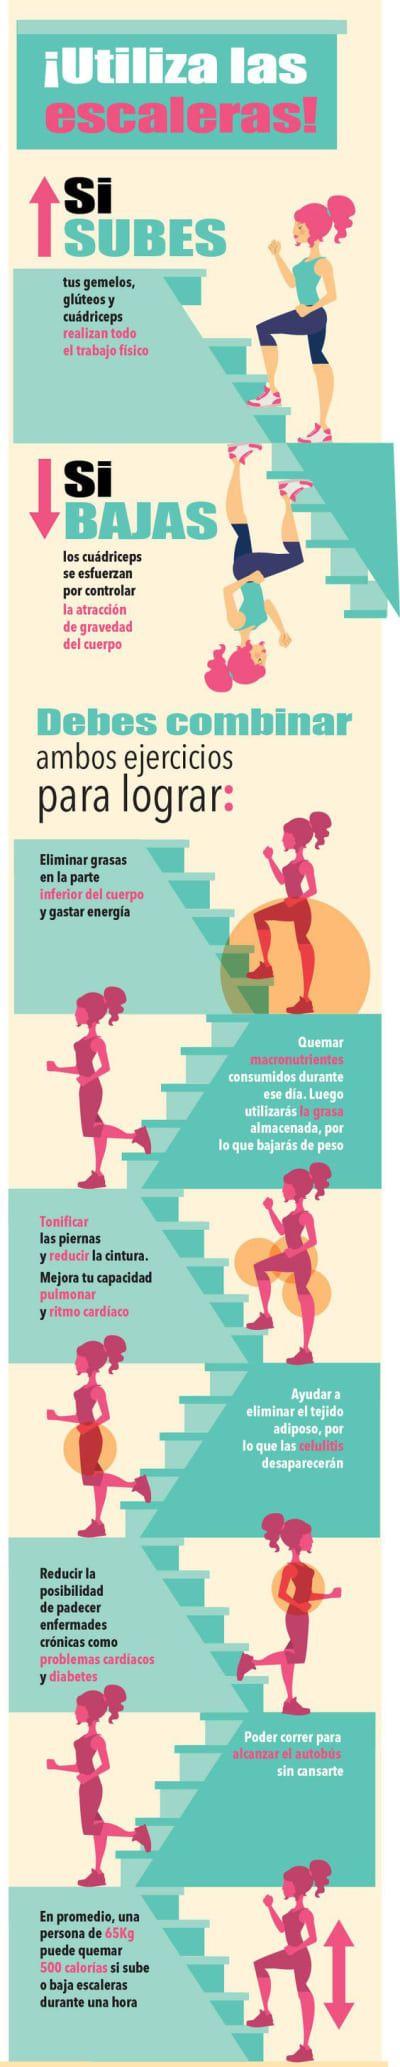 21 Trucos para empezar a hacer ejercicio y no morir en el intento